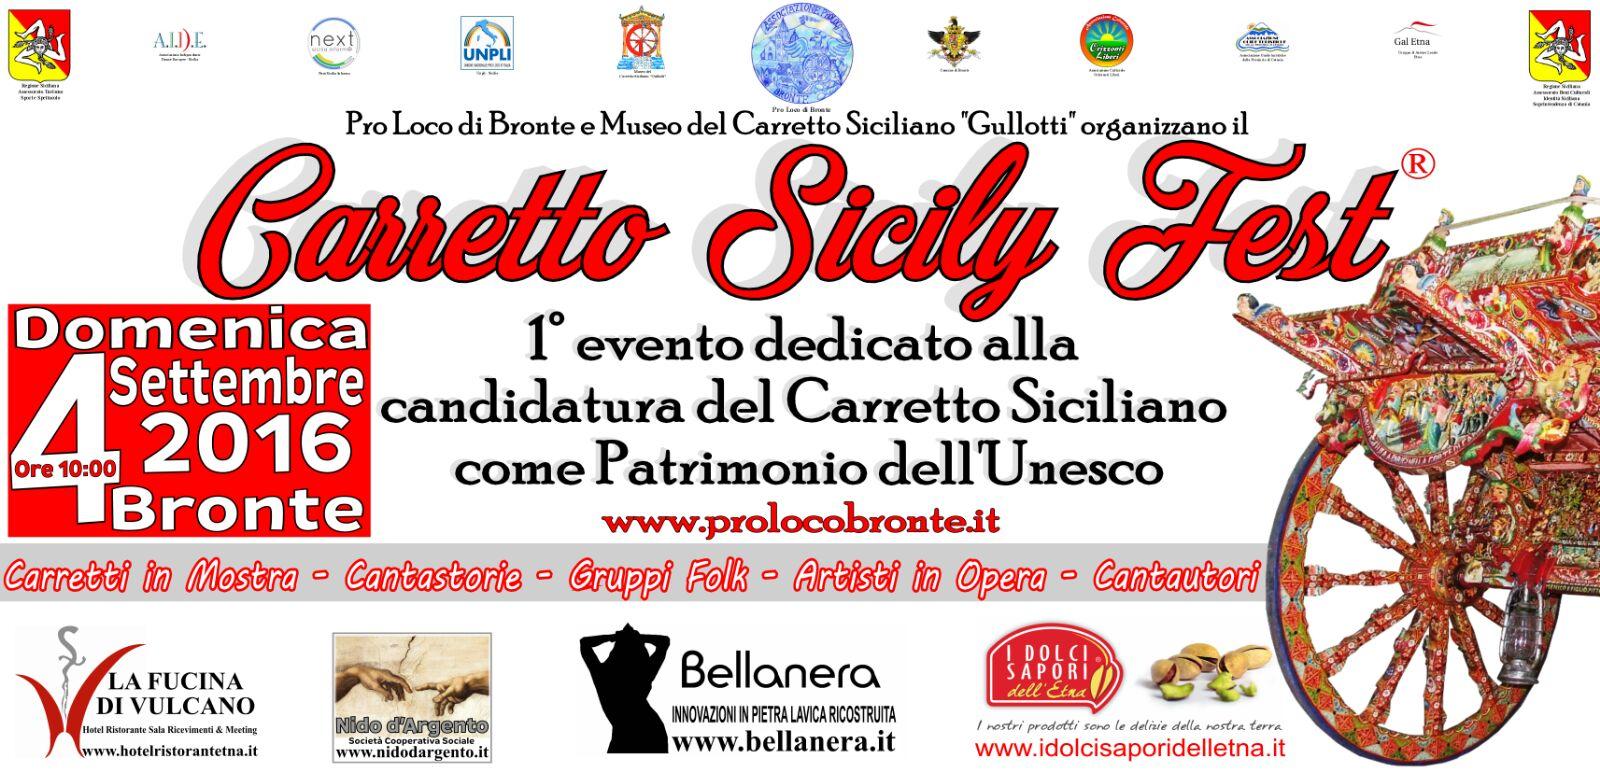 Carretto Sicily fest